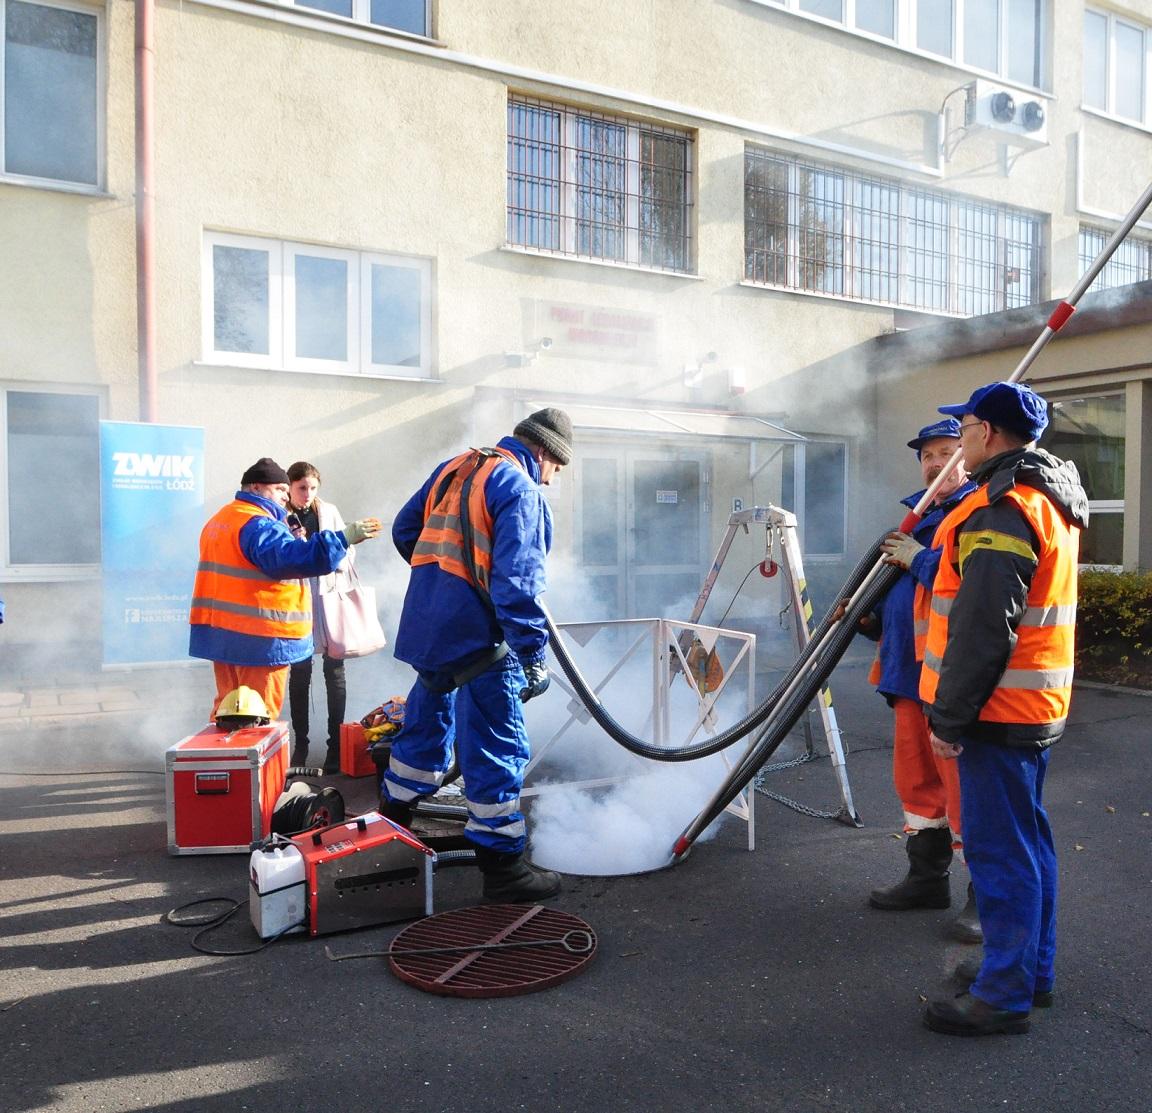 Urządzenie ma bardzo dużą wydajność, w ciągu godziny może wytworzyć tyle dymu, że wypełni np. halę o kubaturze 60 tysięcy metrów sześciennych. (fot. ZWiK Łódź)